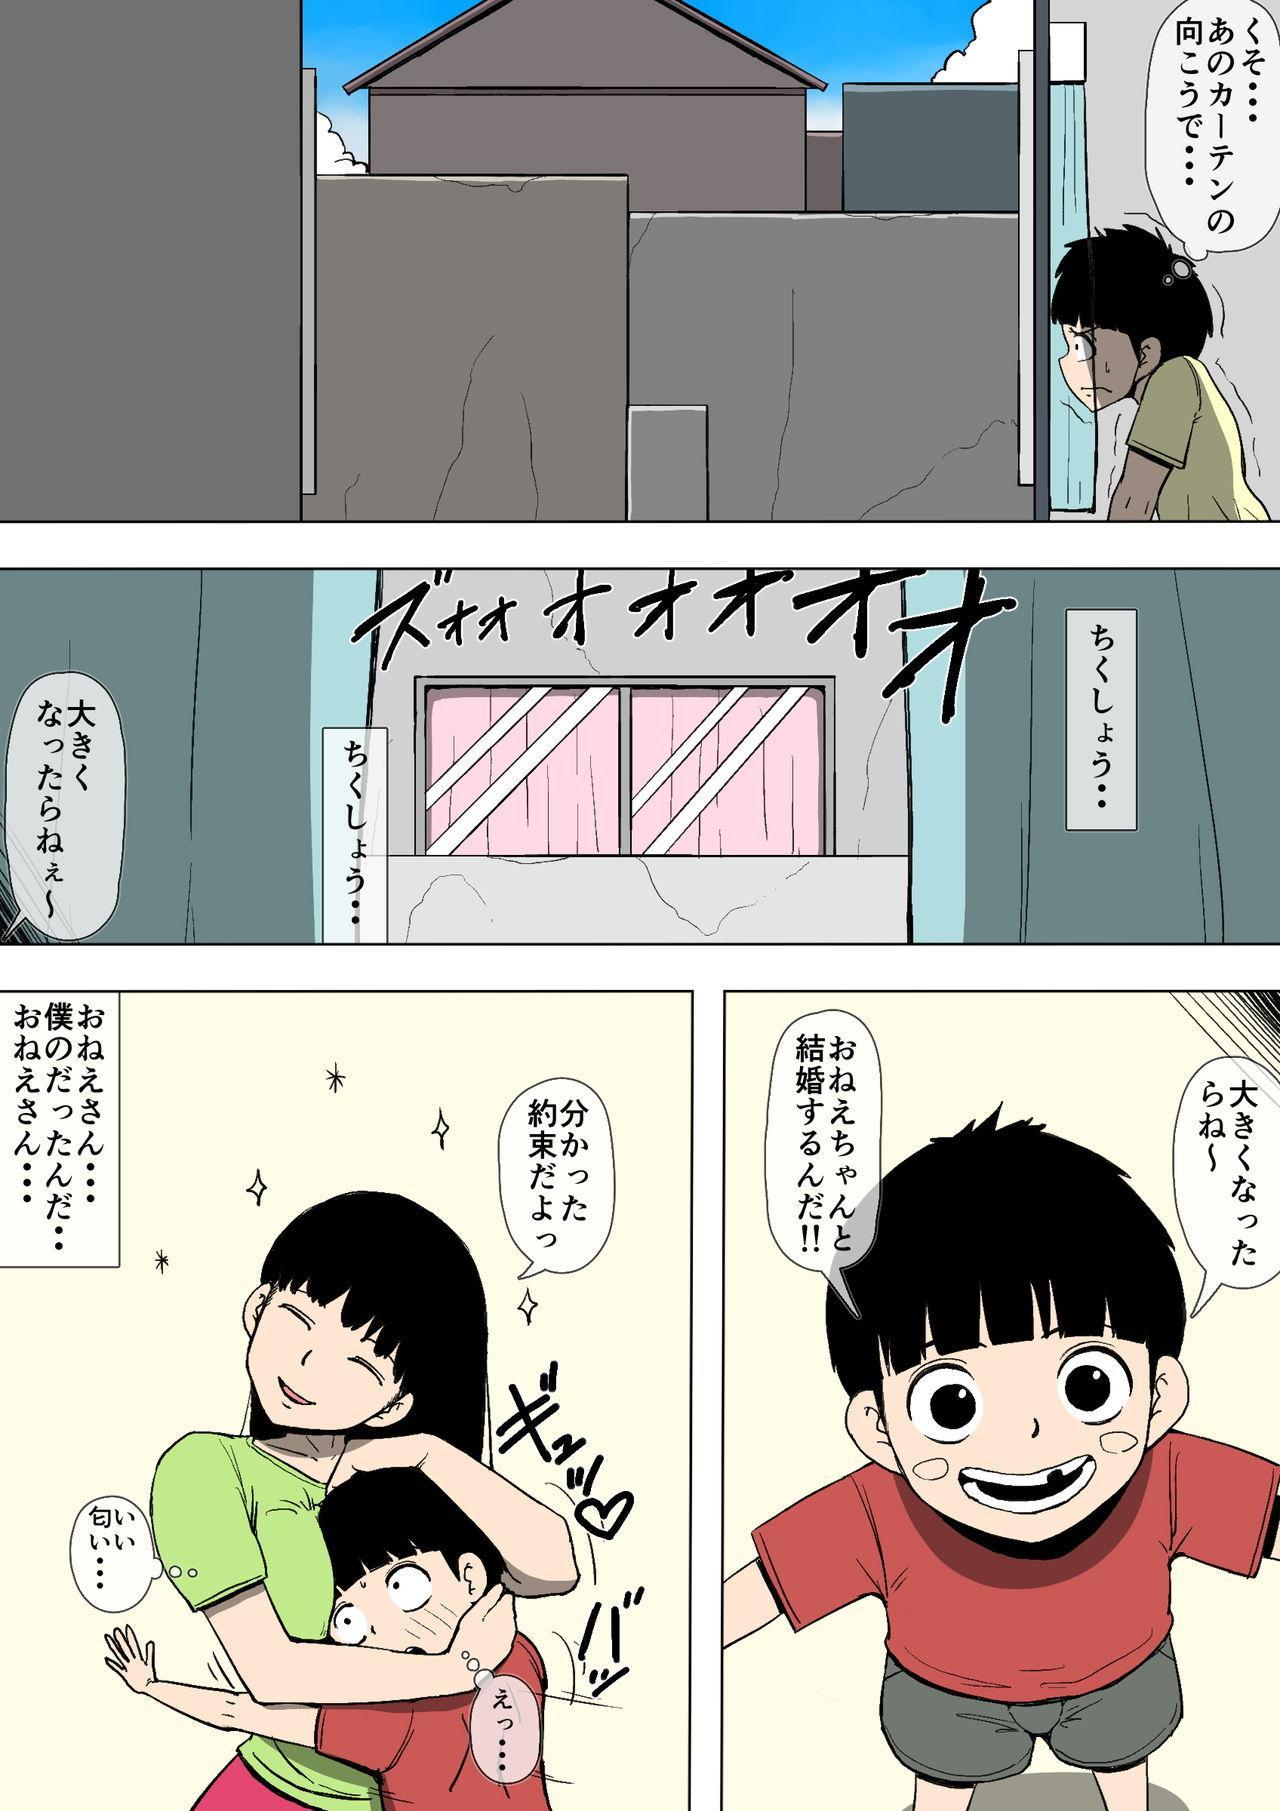 Akogare no Onee-san to Aitsu ga Tsukiatte Ita 18